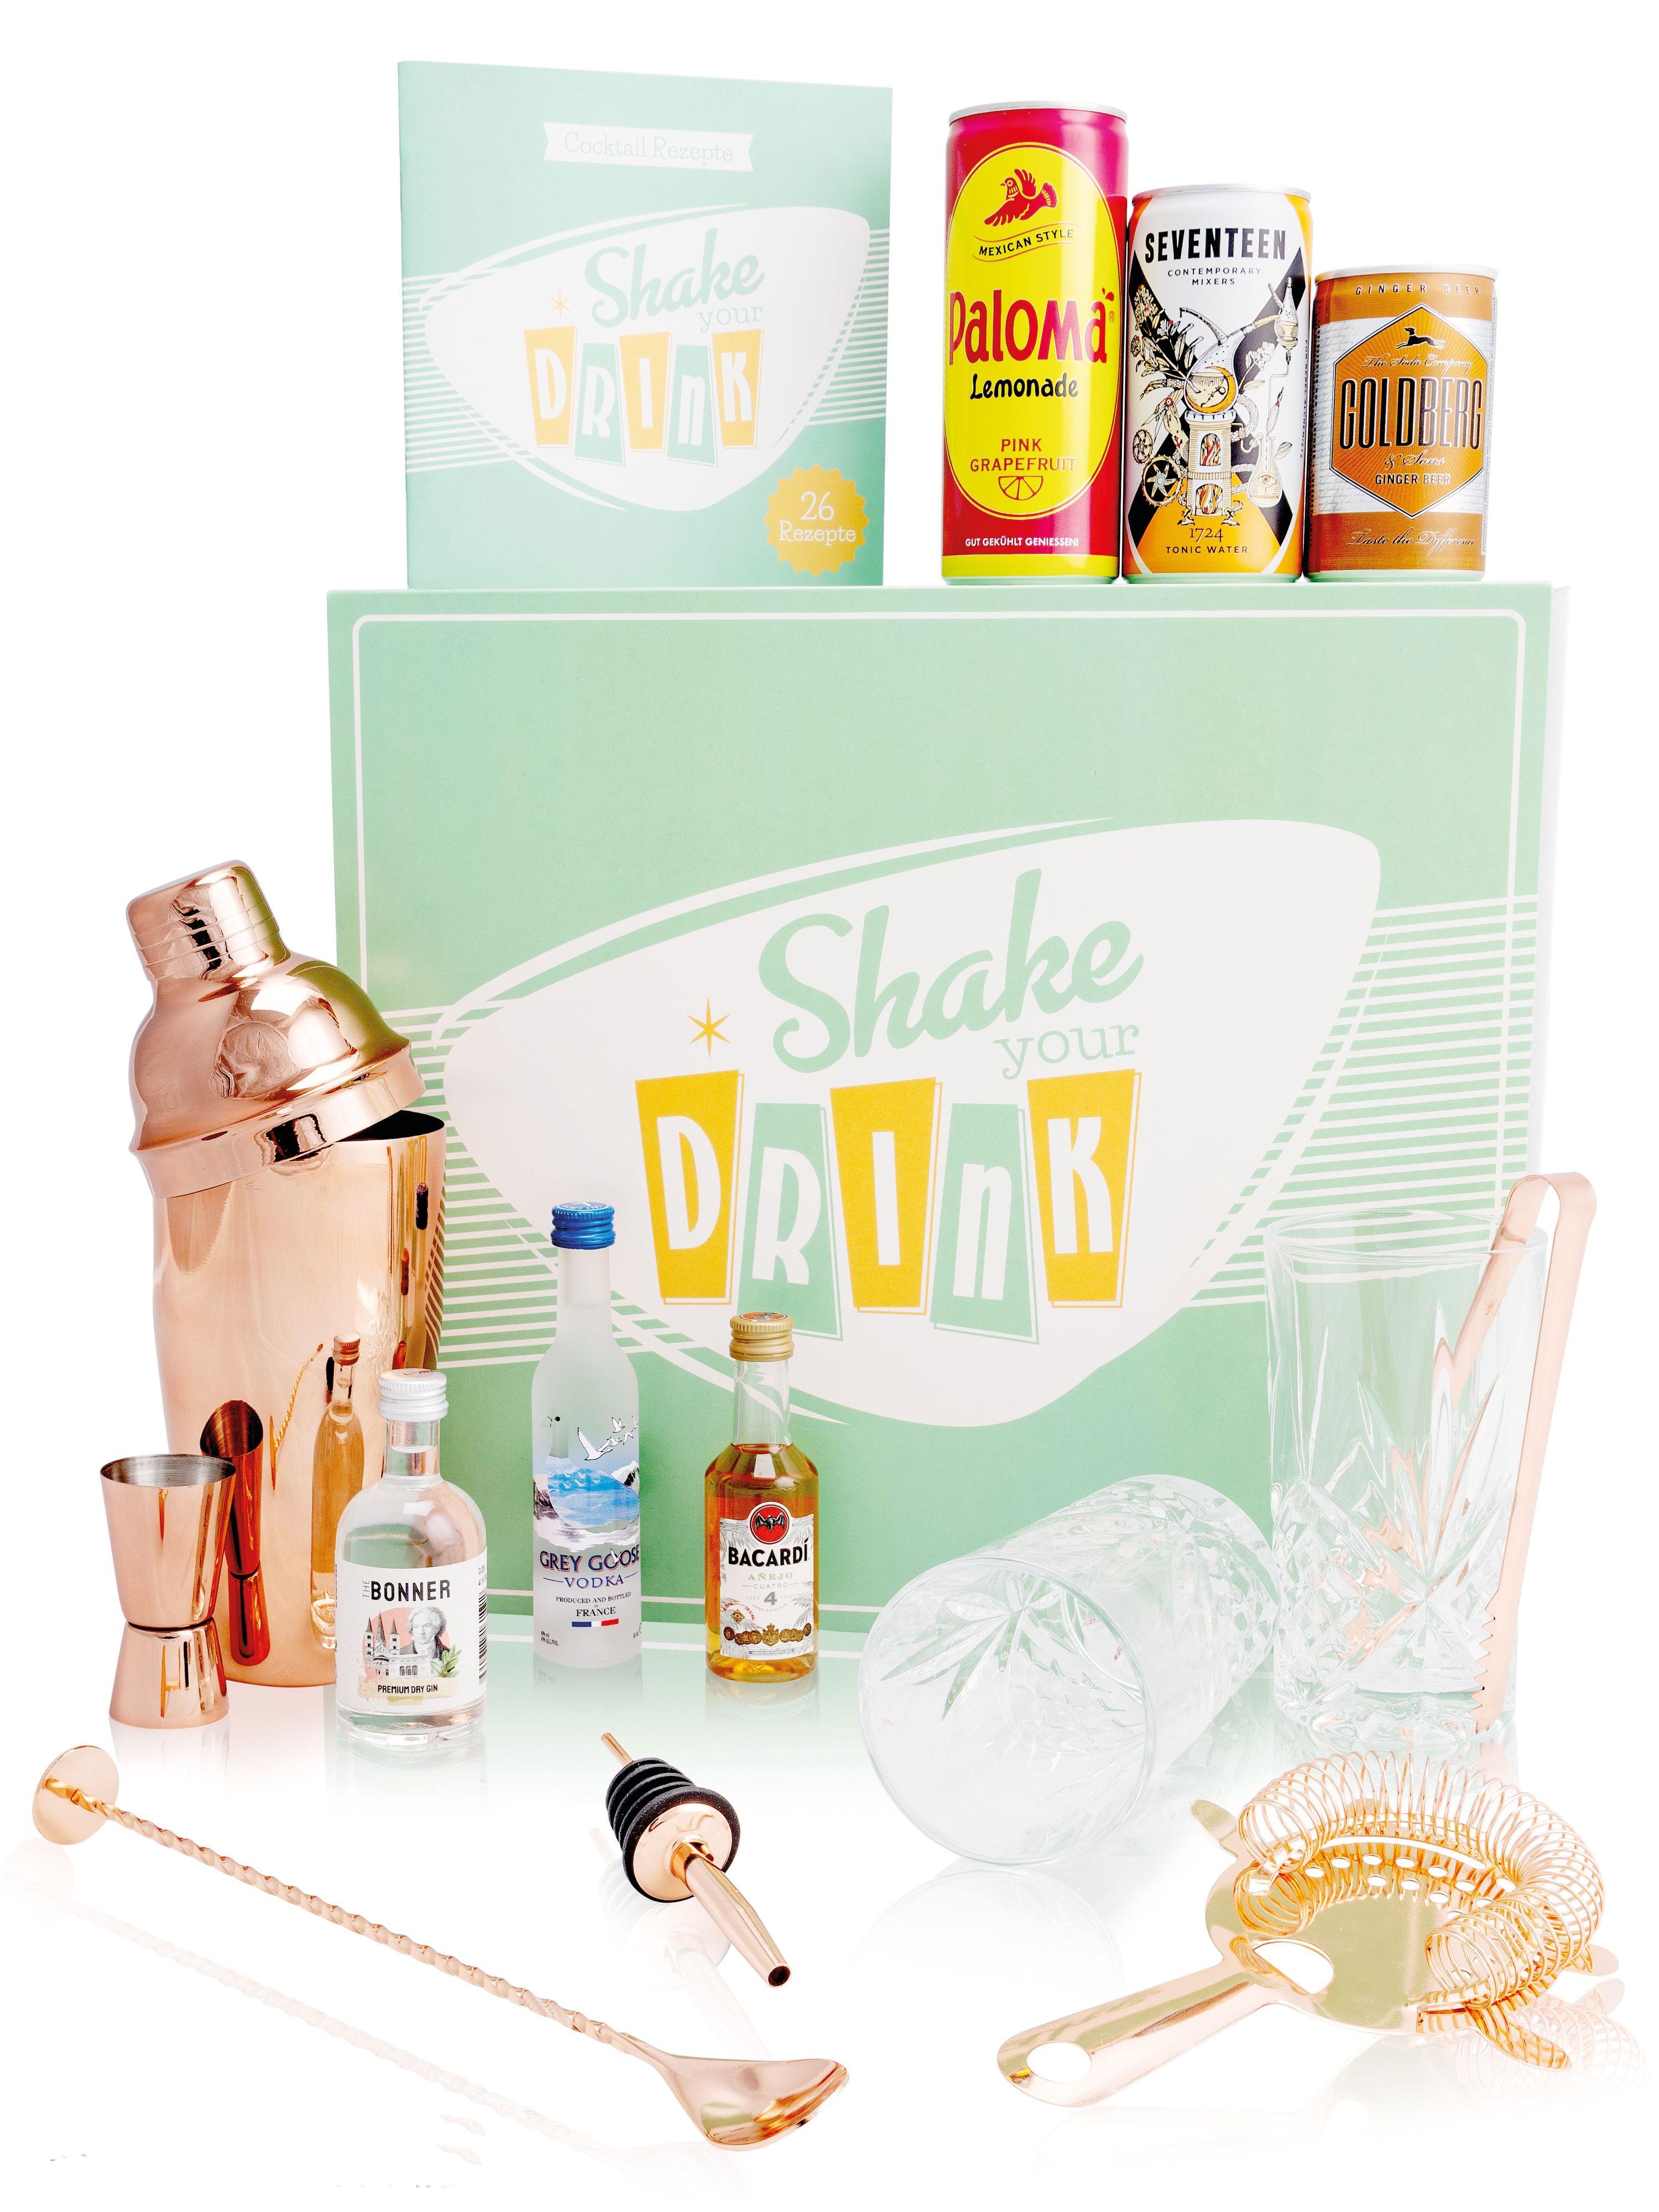 SHAKE YOUR DRINK 16 Teiliges Set mit 6 Bartools 2 Kristall Longdrink Gläsern 1 Rezept Buch 3 Cocktails 1 Geschenkbox (Paloma+Grey Goose / 1724+Bonner Gin / Goldberg Intense Ginger+Bacardi 4Jahre) inkl. Pfand EINWEG